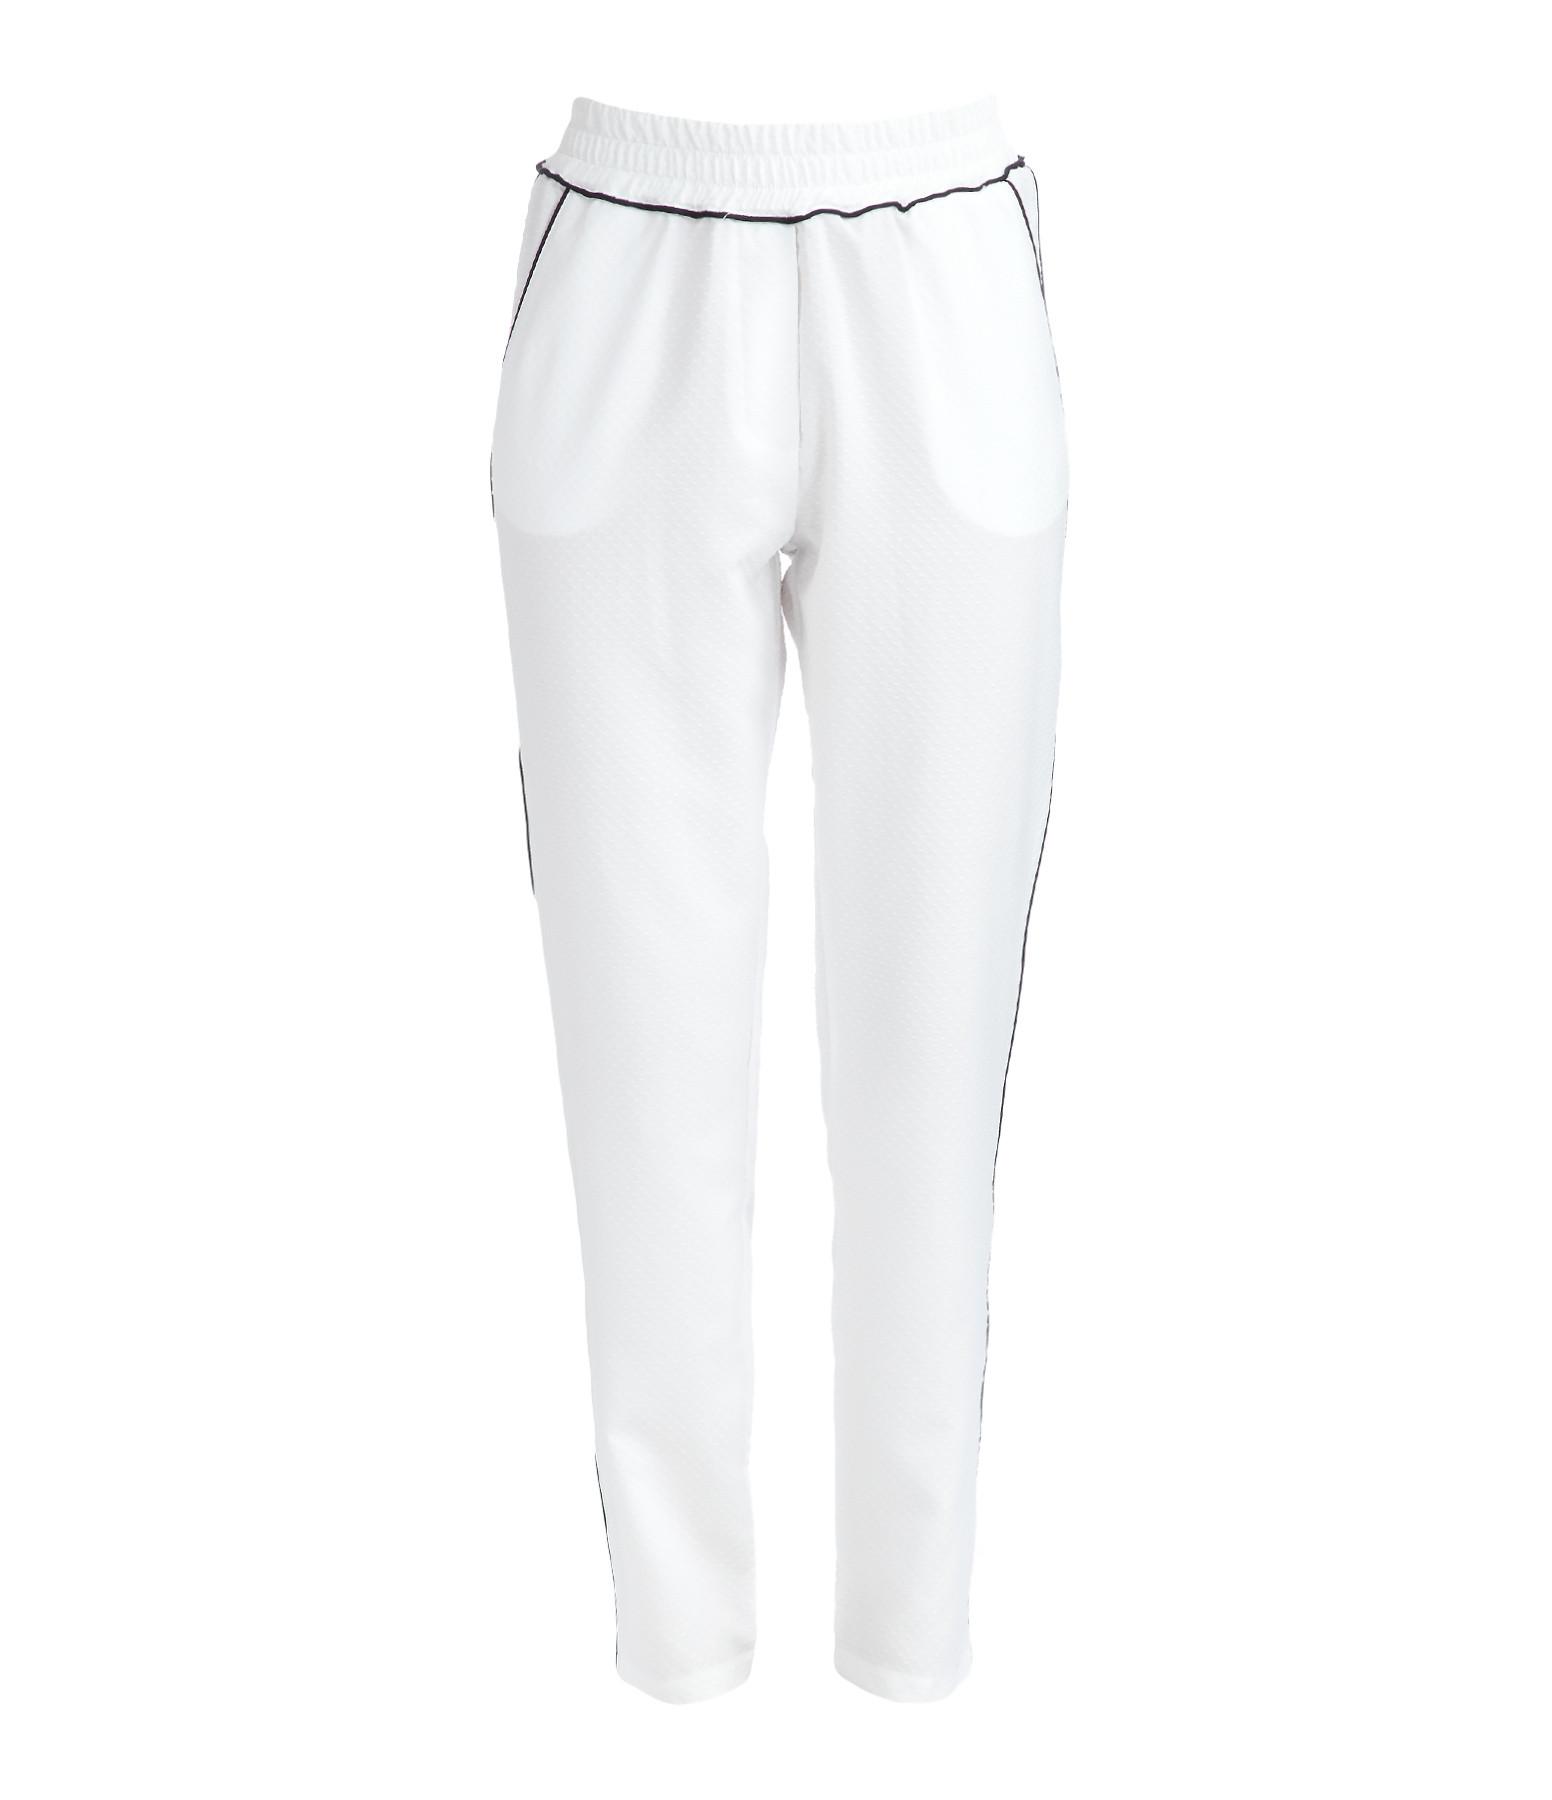 TOOSHIE - Pantalon Capri Blanc Noir